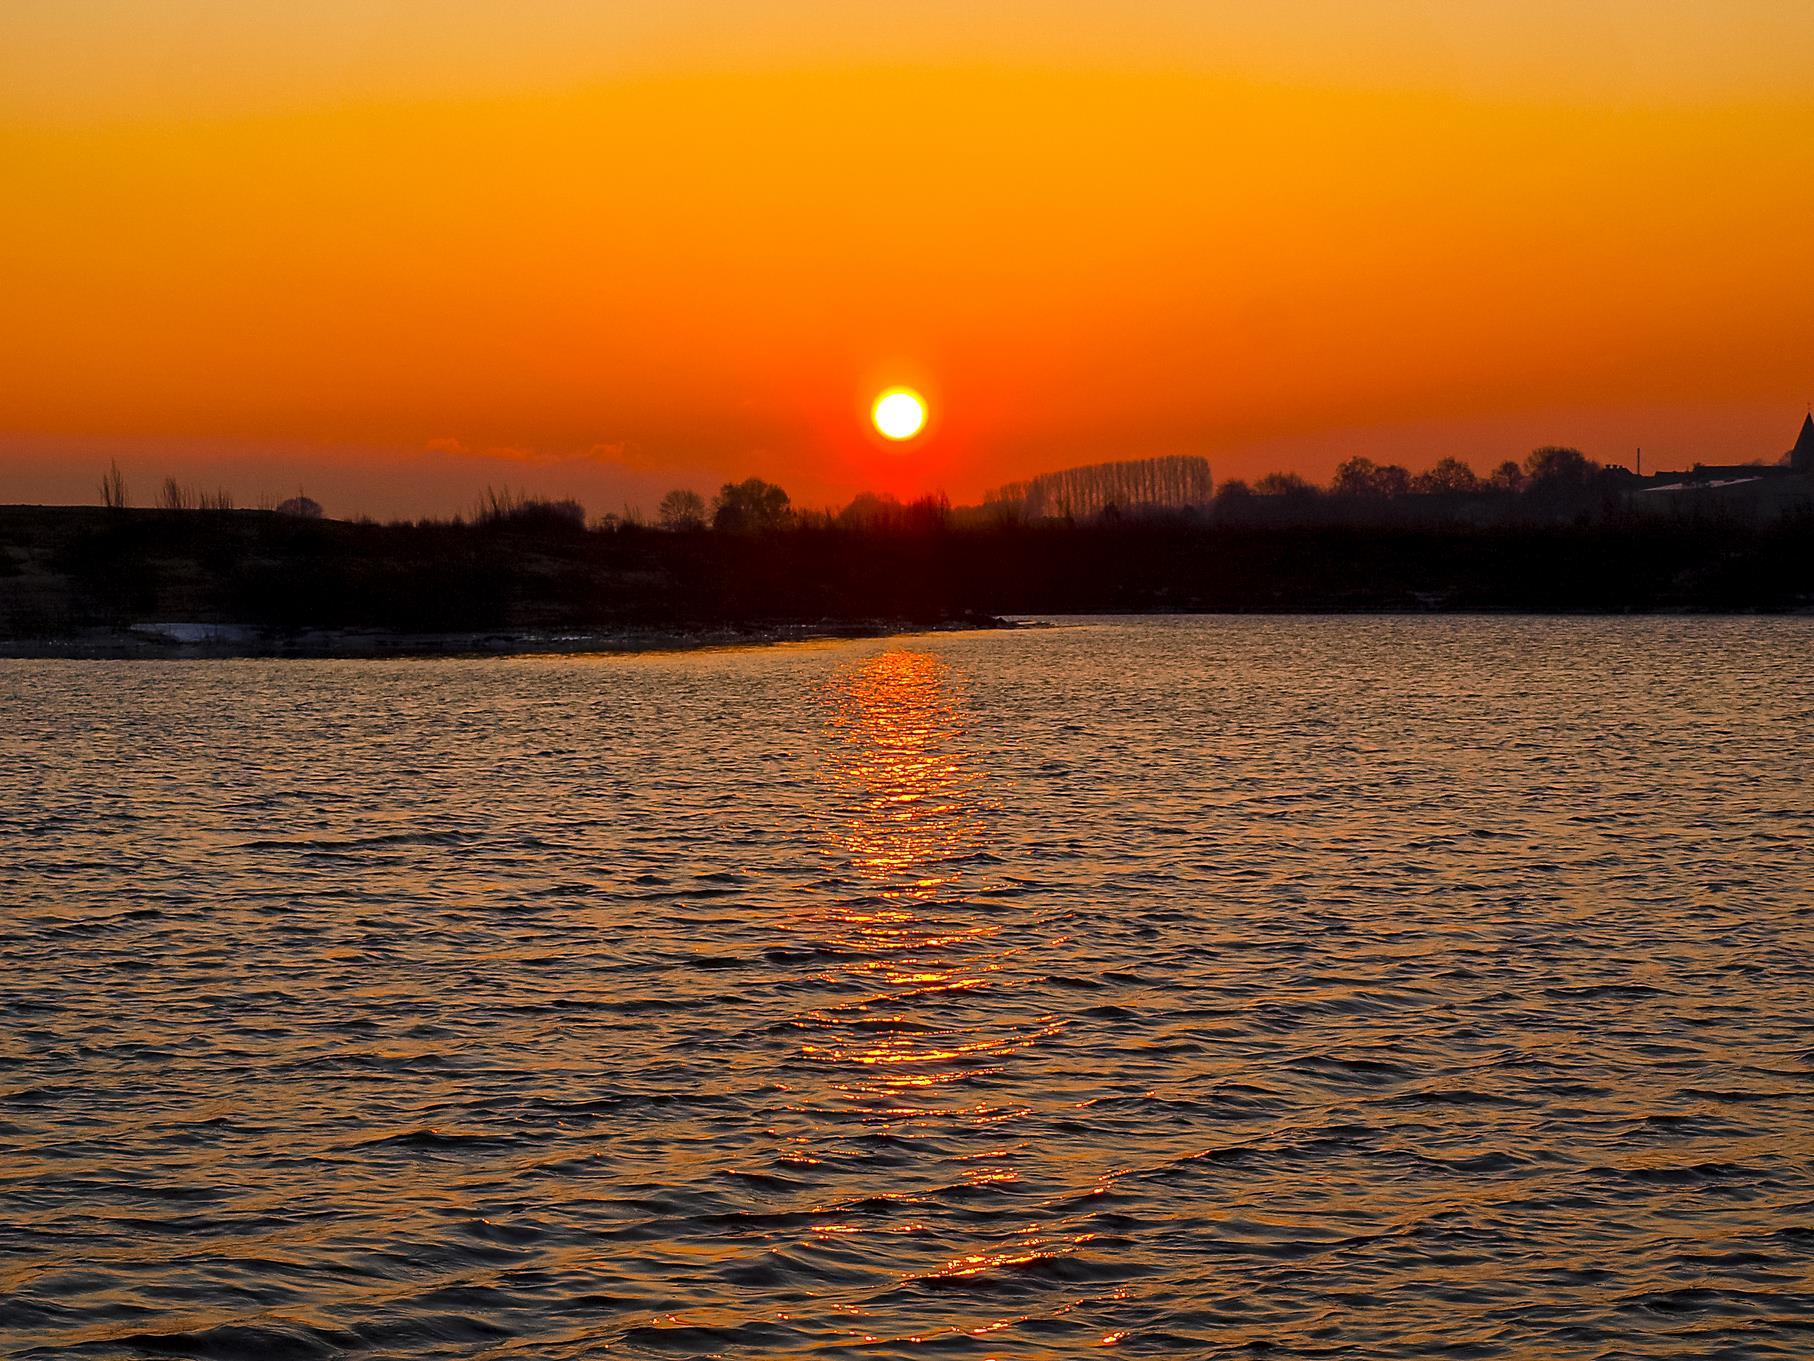 Sonnenaufgang an einem Februarmorgen im Naturschutzgebiet.